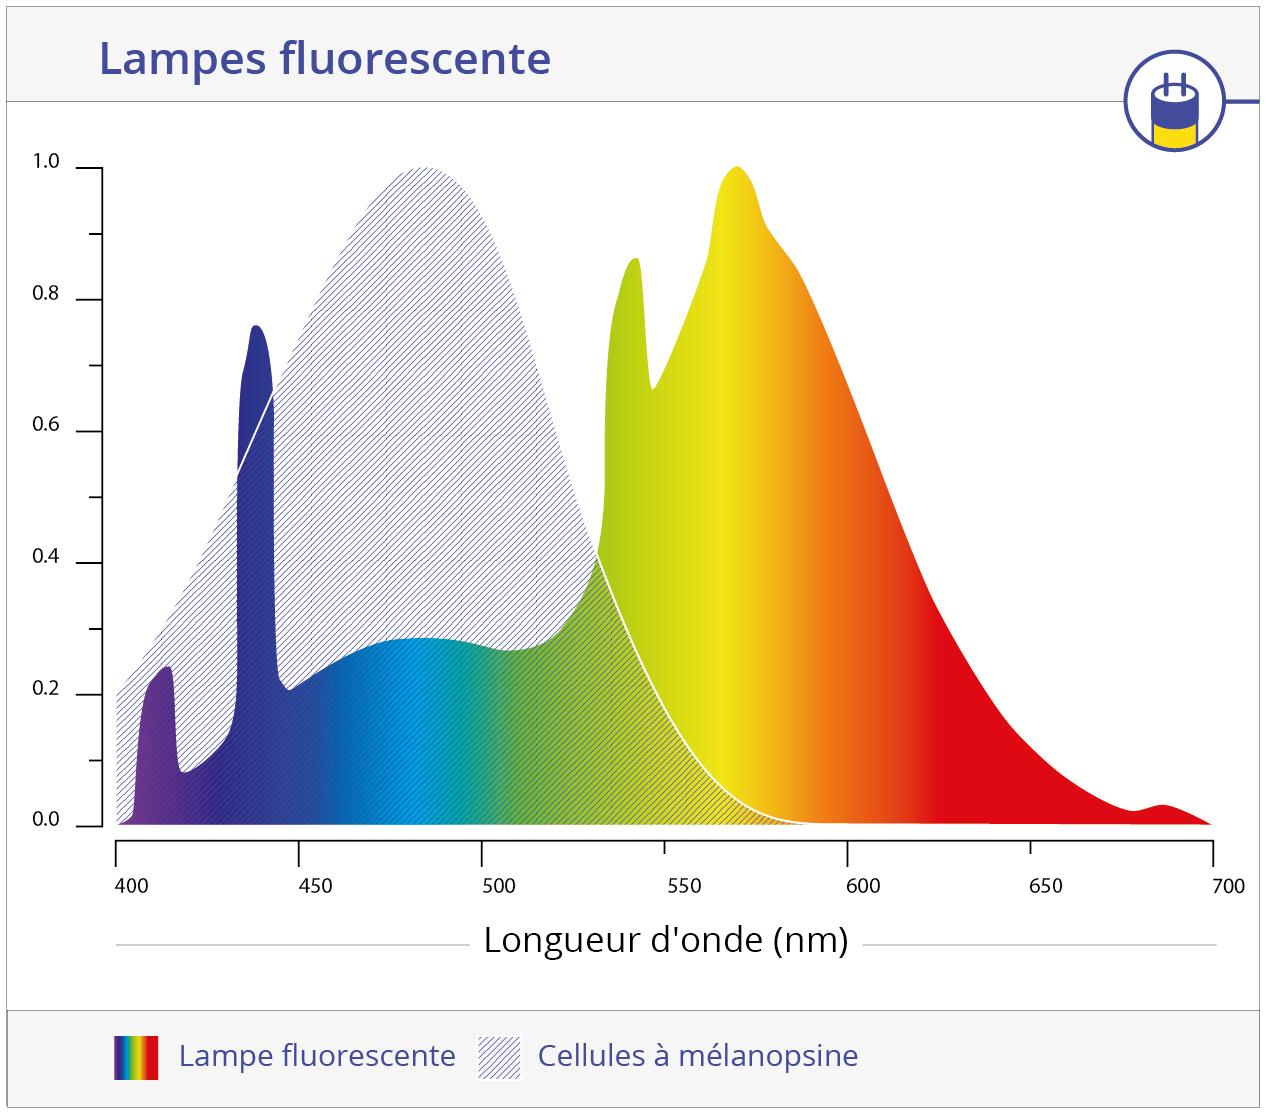 Cellule mélanopsine et fluorescence